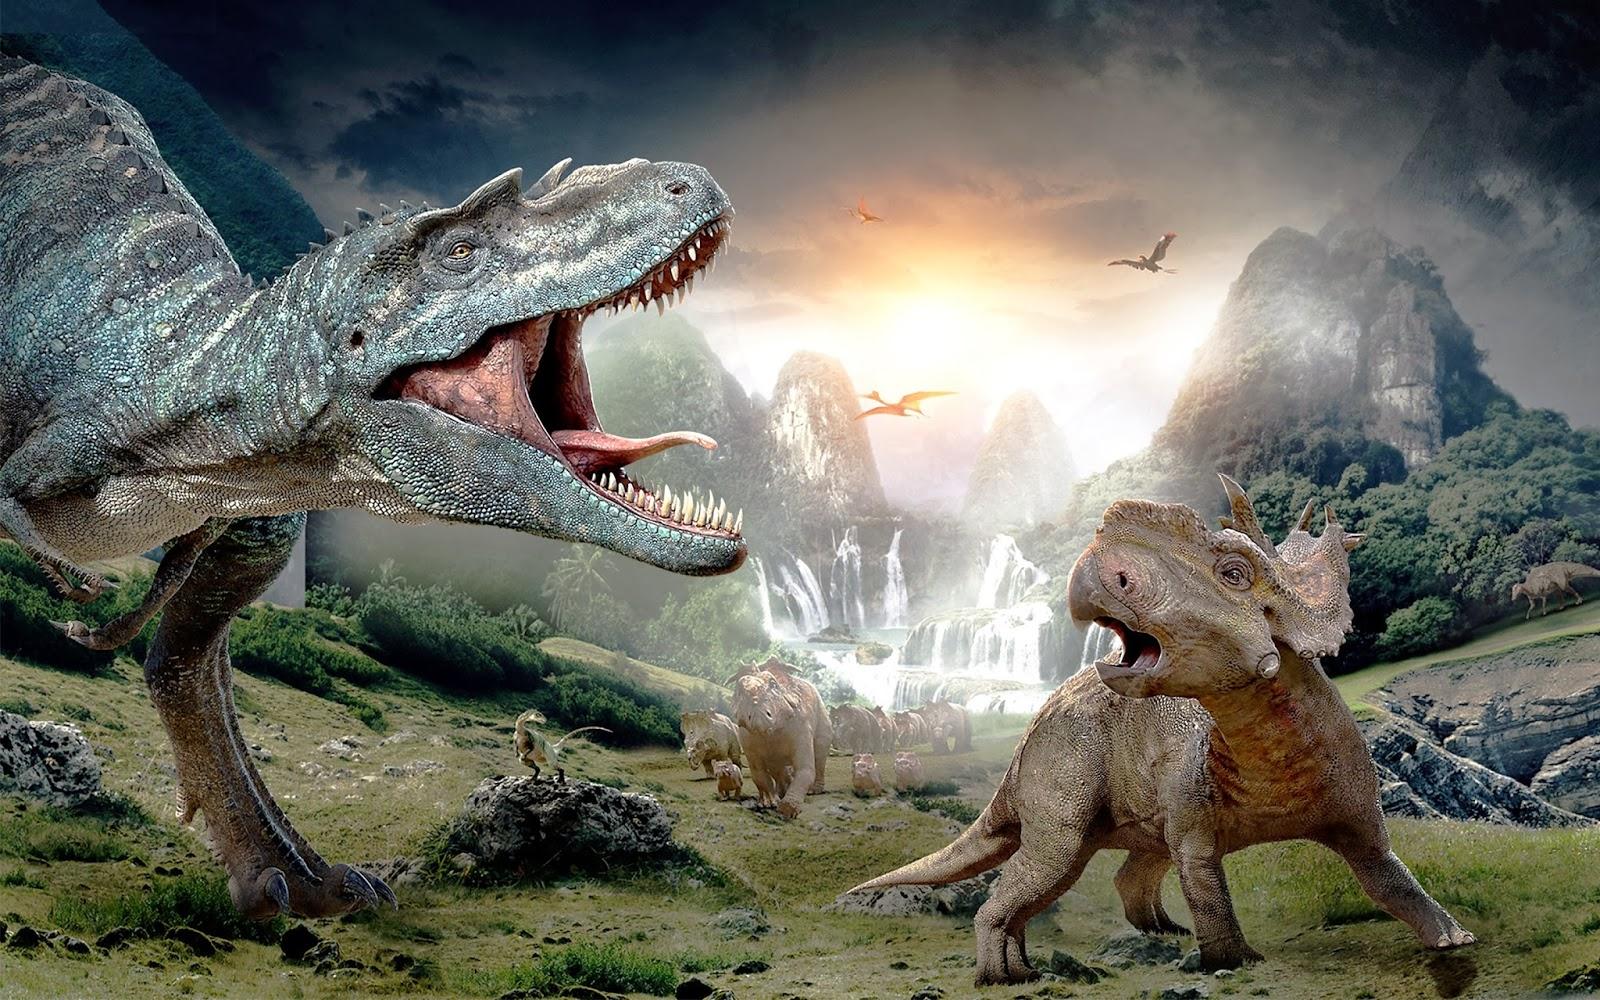 """<img src=""""http://2.bp.blogspot.com/-JeRBr0s9uyQ/UuTsBn9SsnI/AAAAAAAAKU4/foOkMpGKIwI/s1600/dinosaurs-wallpaper.jpg"""" alt=""""dinosaurs wallpaper"""" />"""